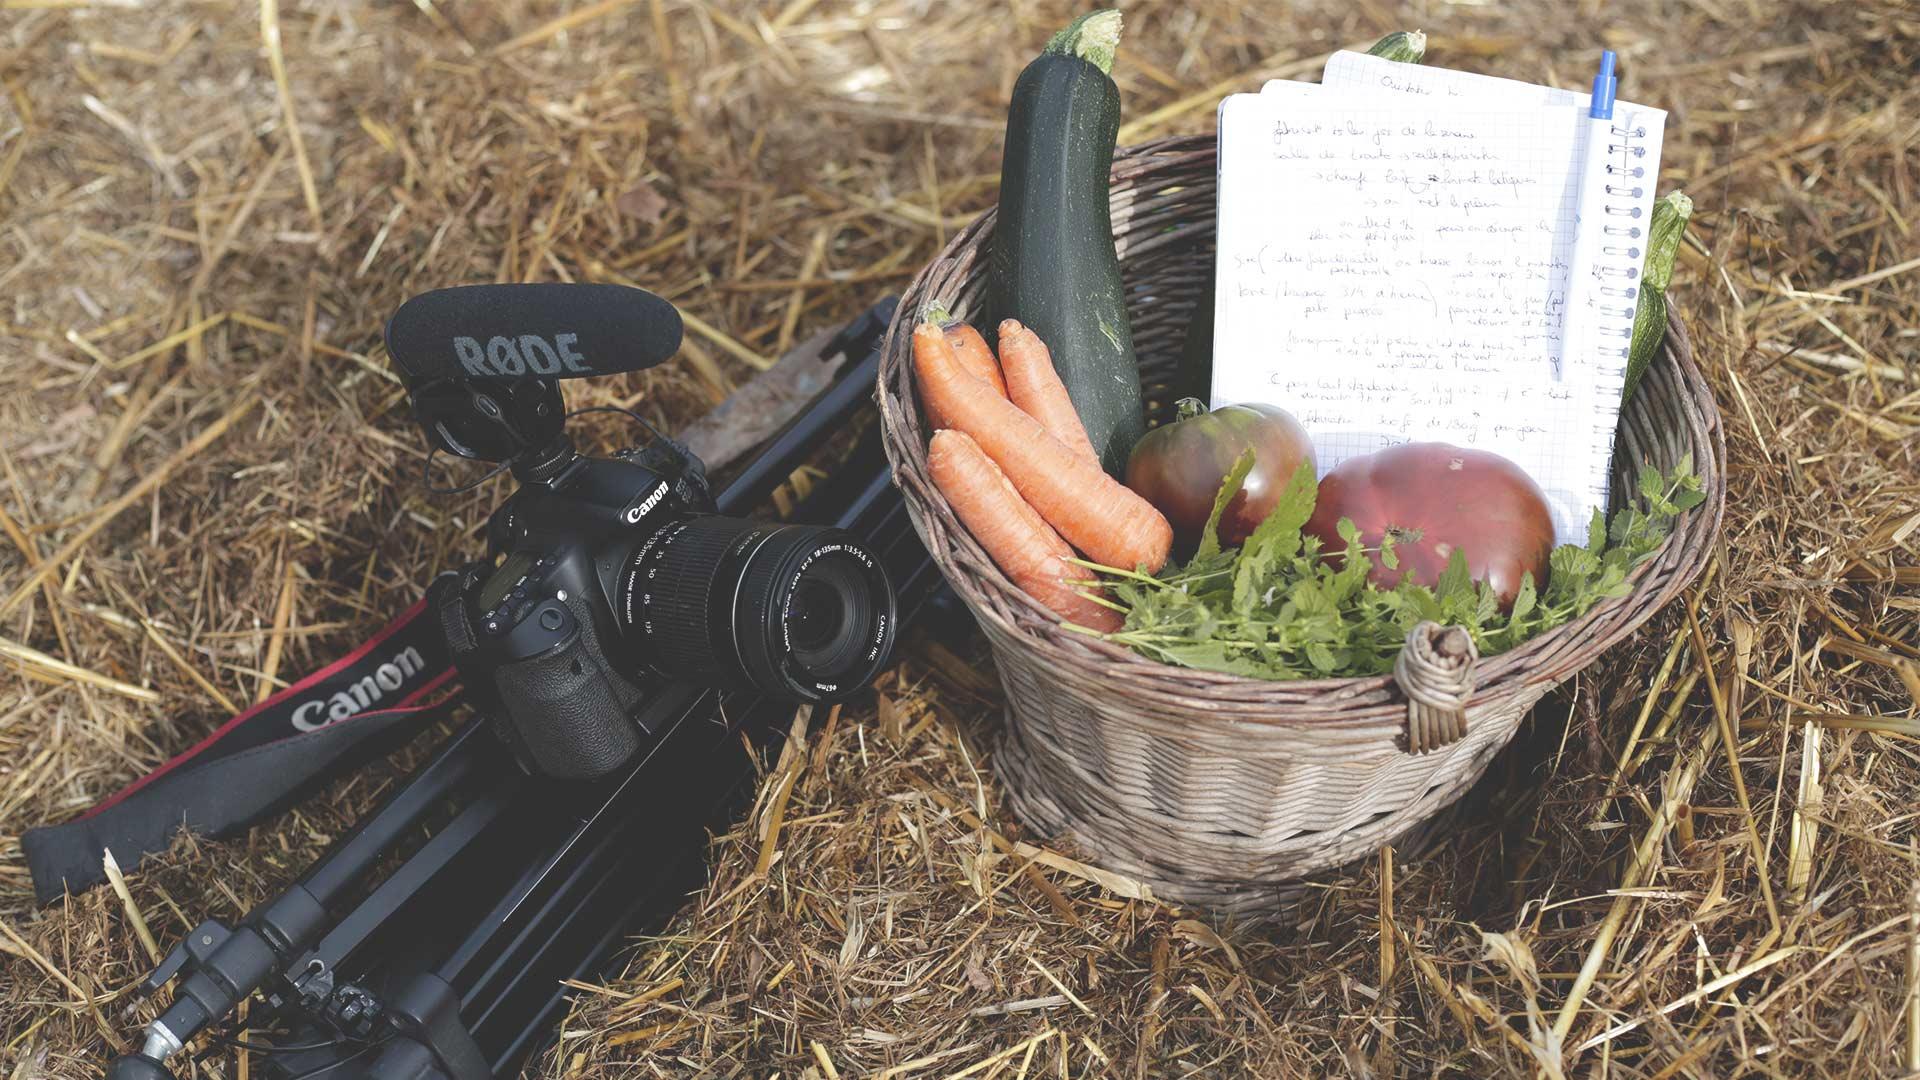 Découvrez notre tour de France sur le Bien Manger et les personnes qui y contribuent